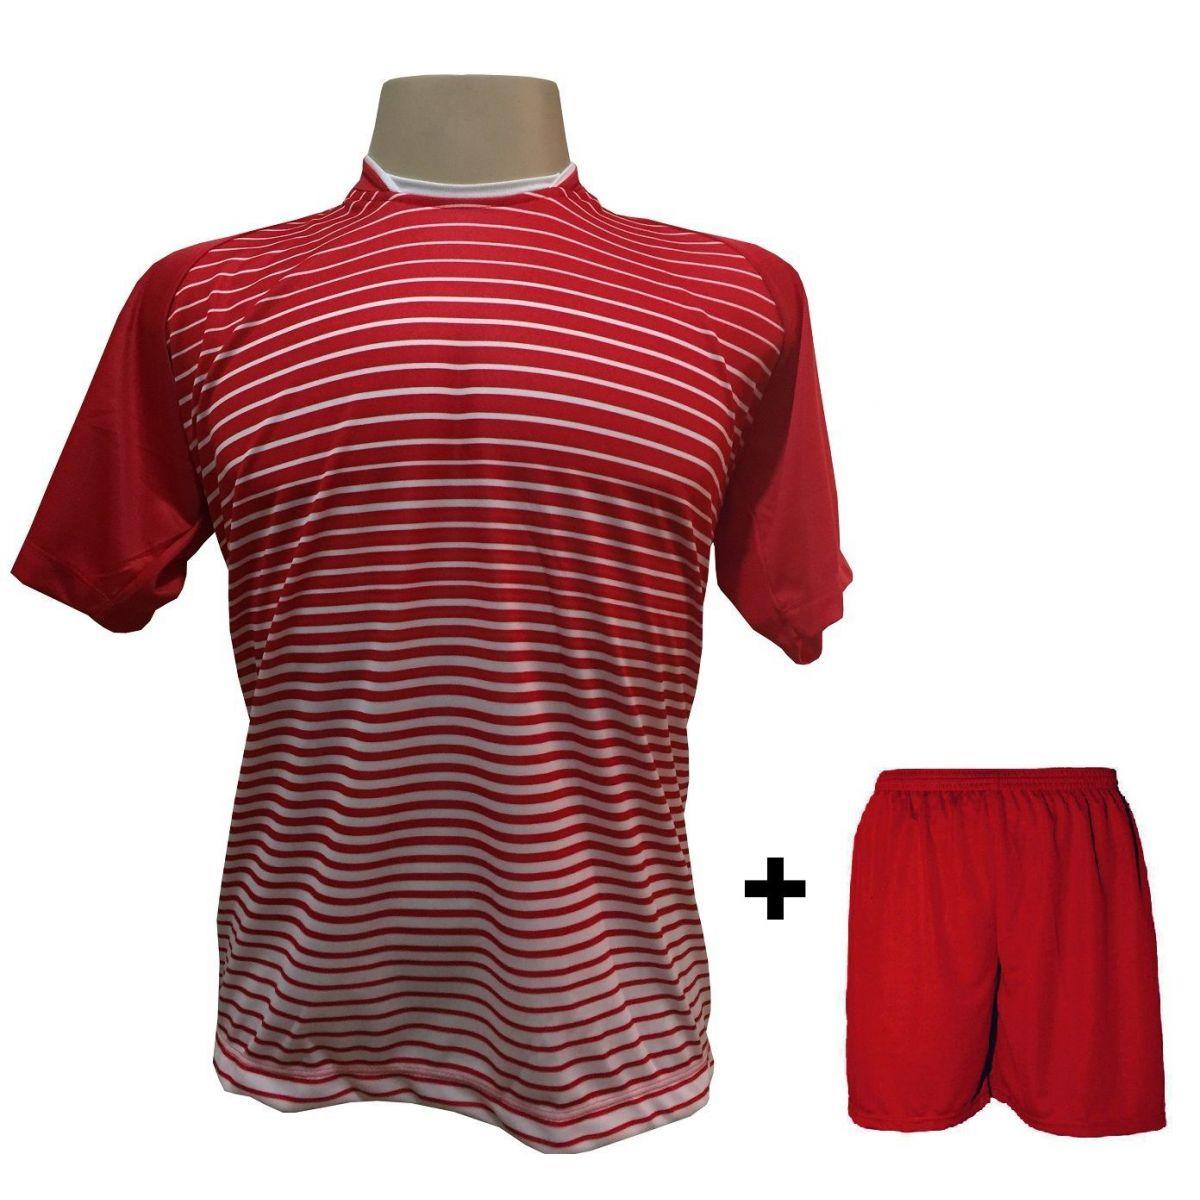 Uniforme Esportivo com 12 camisas modelo City Vermelho/Branco + 12 calções modelo Madrid Vermelho + Brindes